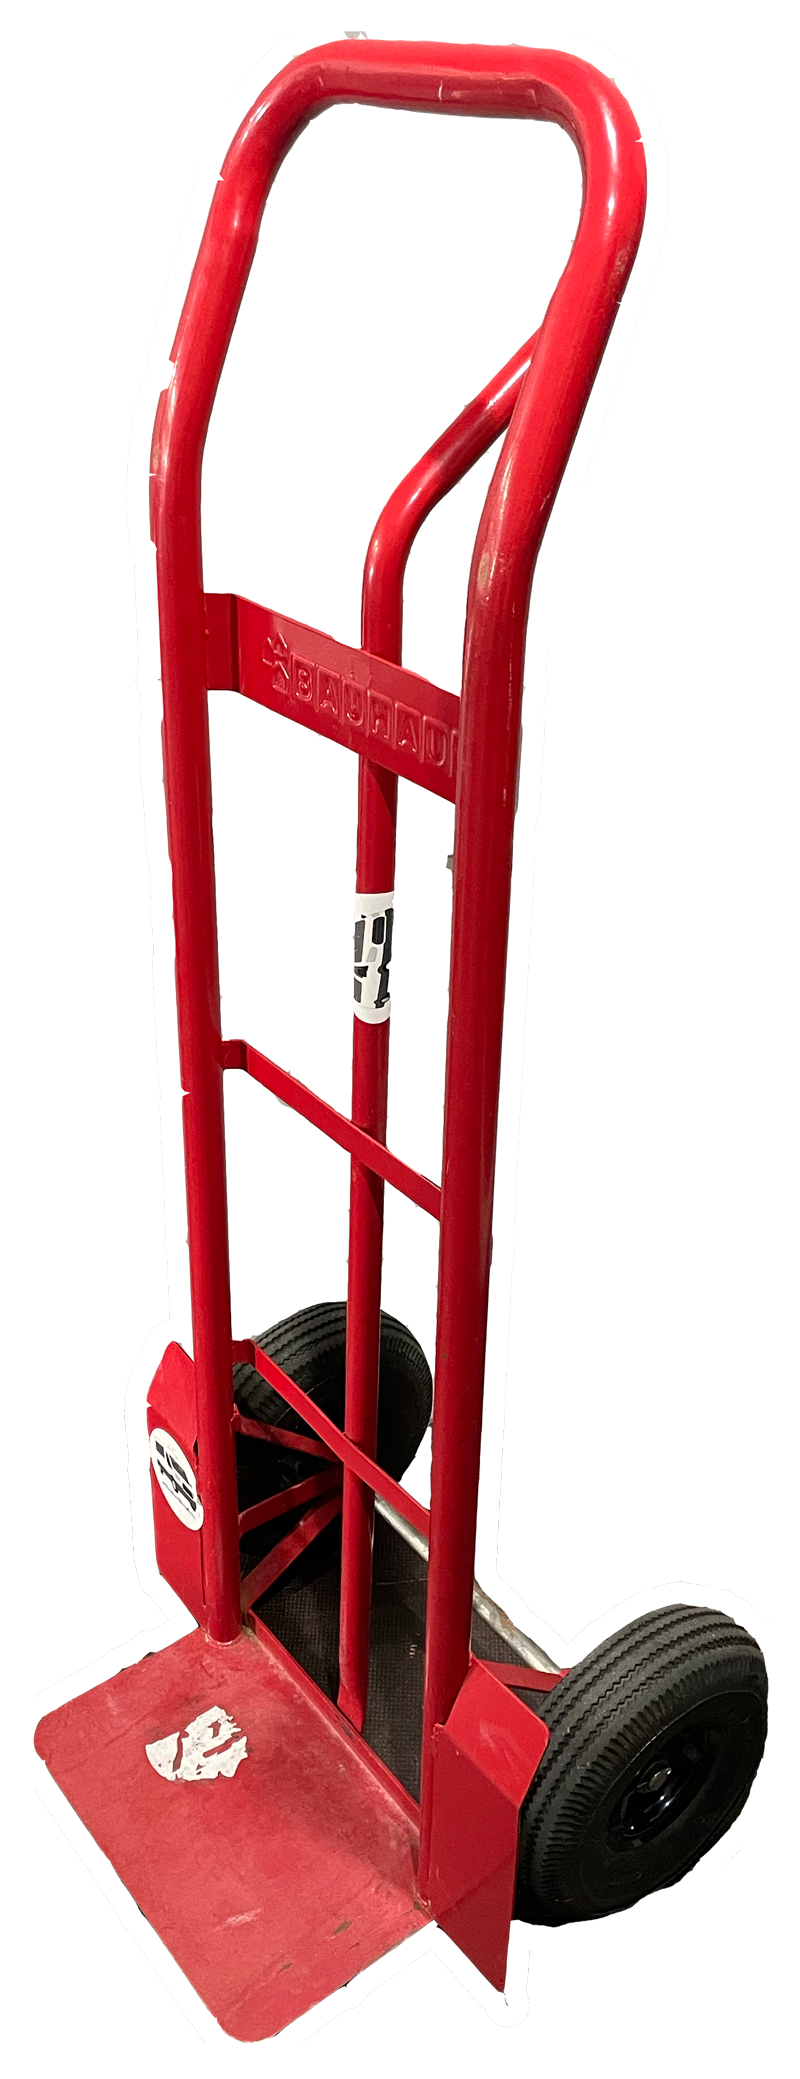 red sack cart